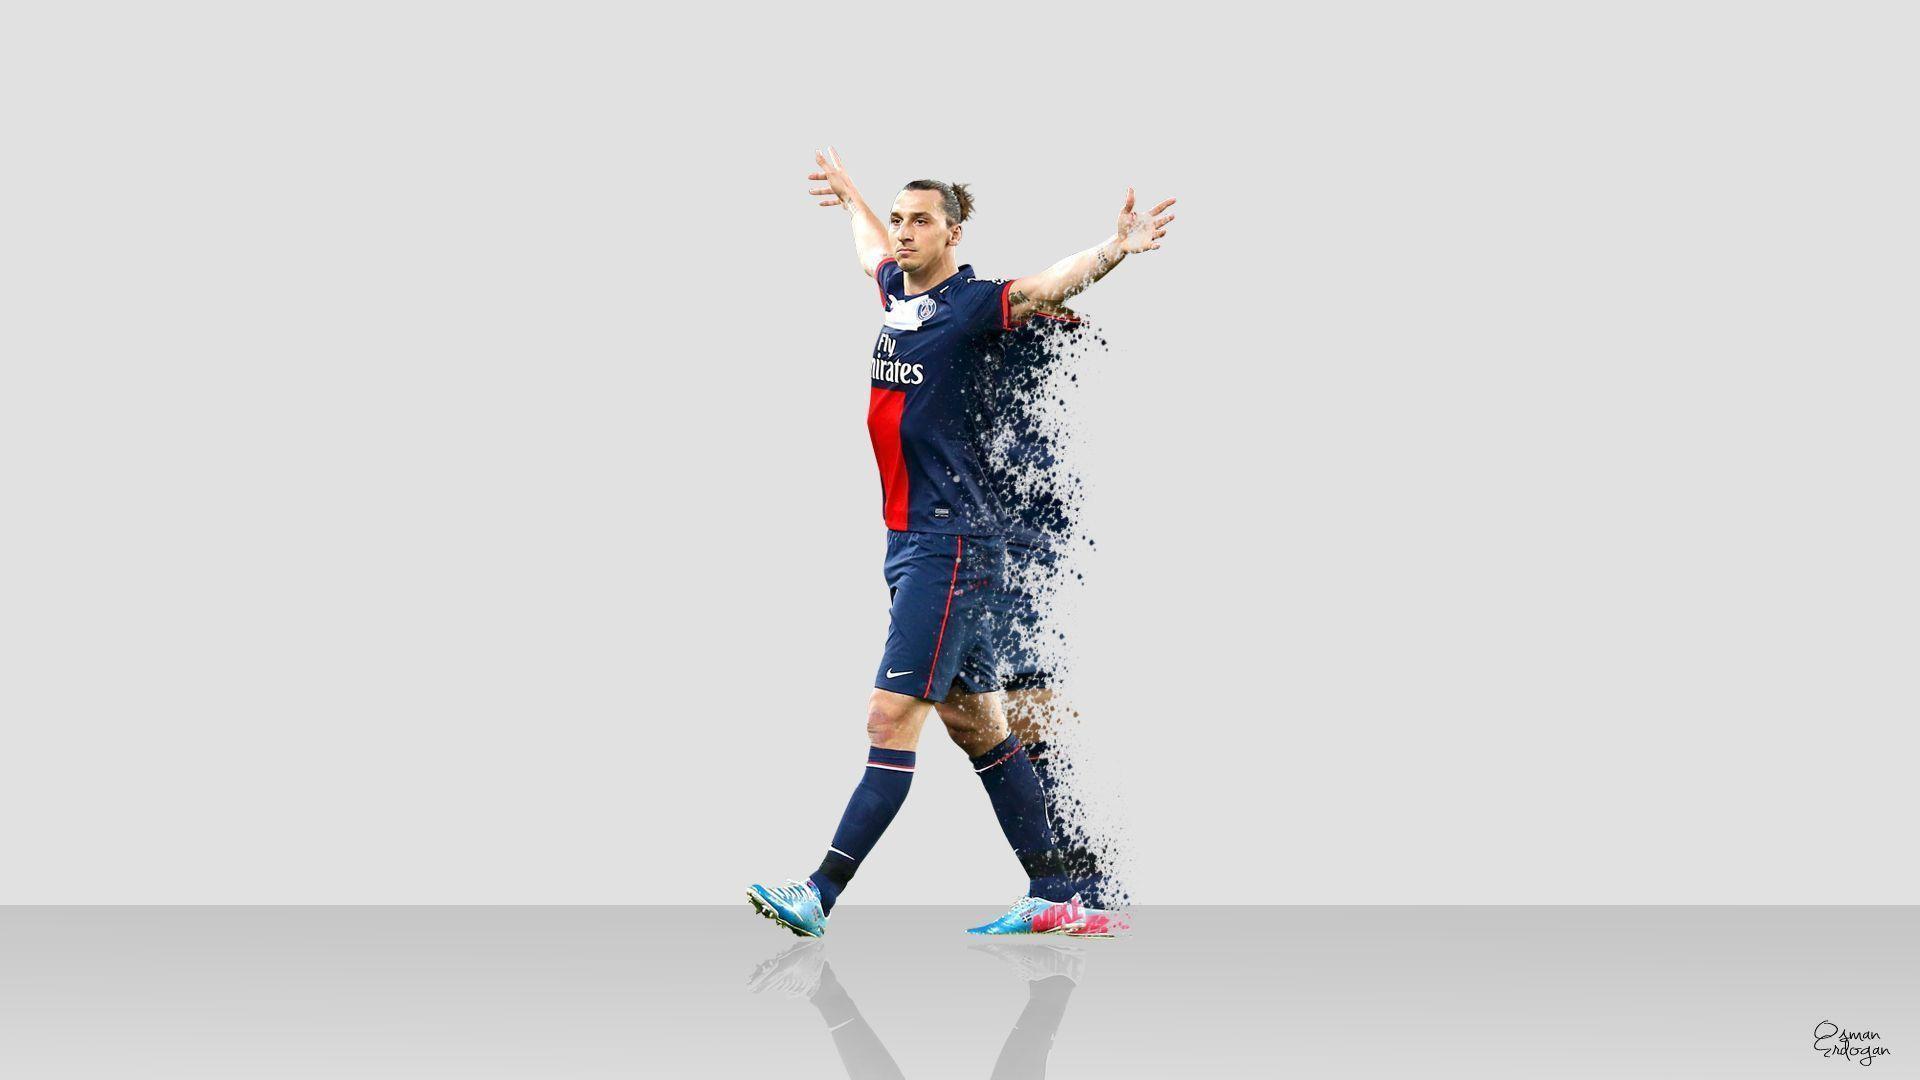 Fonds d'écran Zlatan Ibrahimovic : tous les wallpapers Zlatan ...